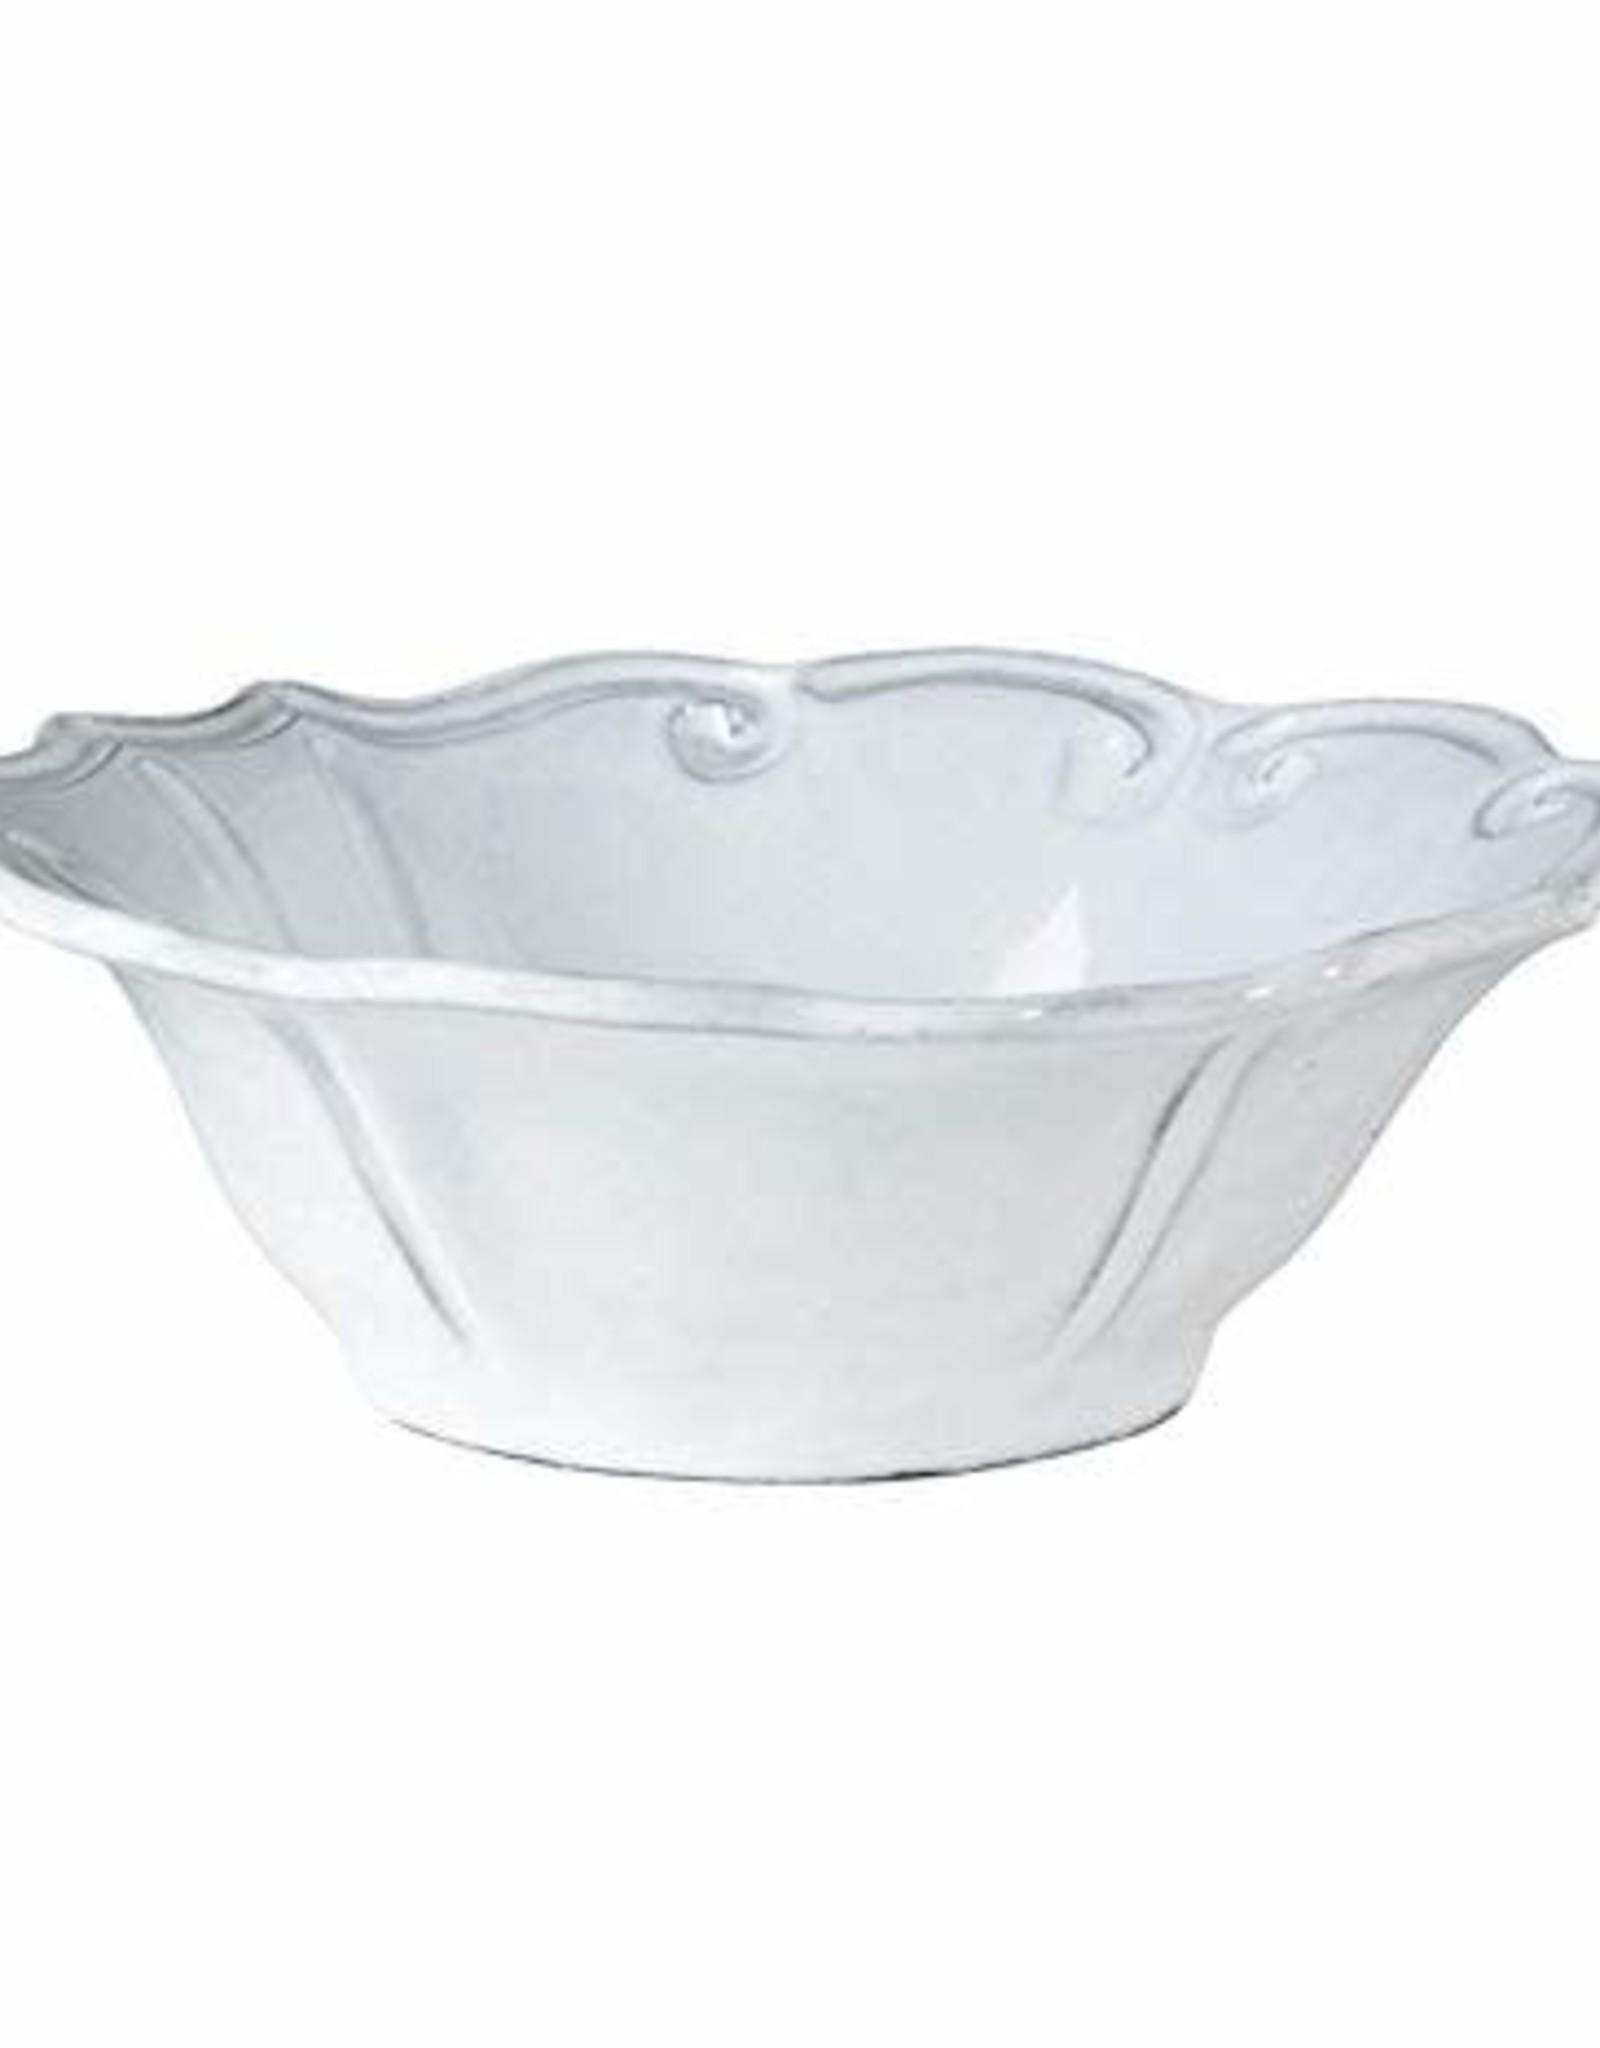 Vietri Incanto Baroque Cereal Bowl-White 7.25'd,